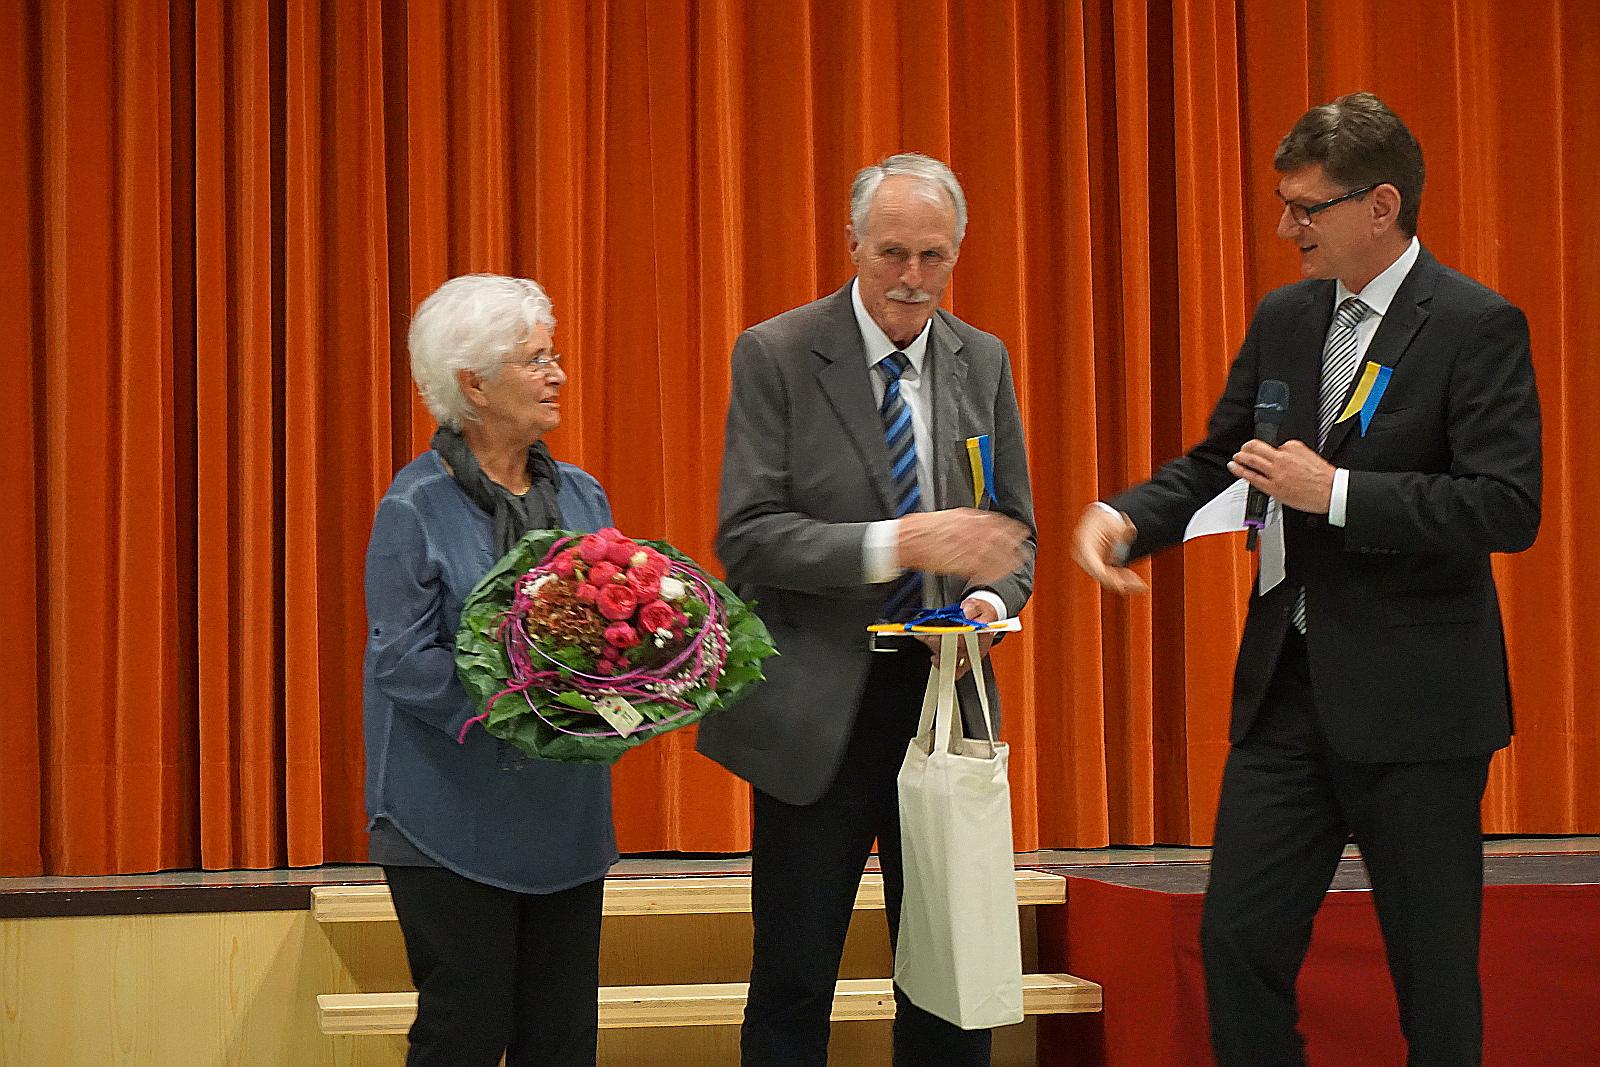 Bürgermeister Klaus Kaufmann dankt dem langjährigen Stadtarchivar Friedrich Oelhafen und seiner Ehefrau